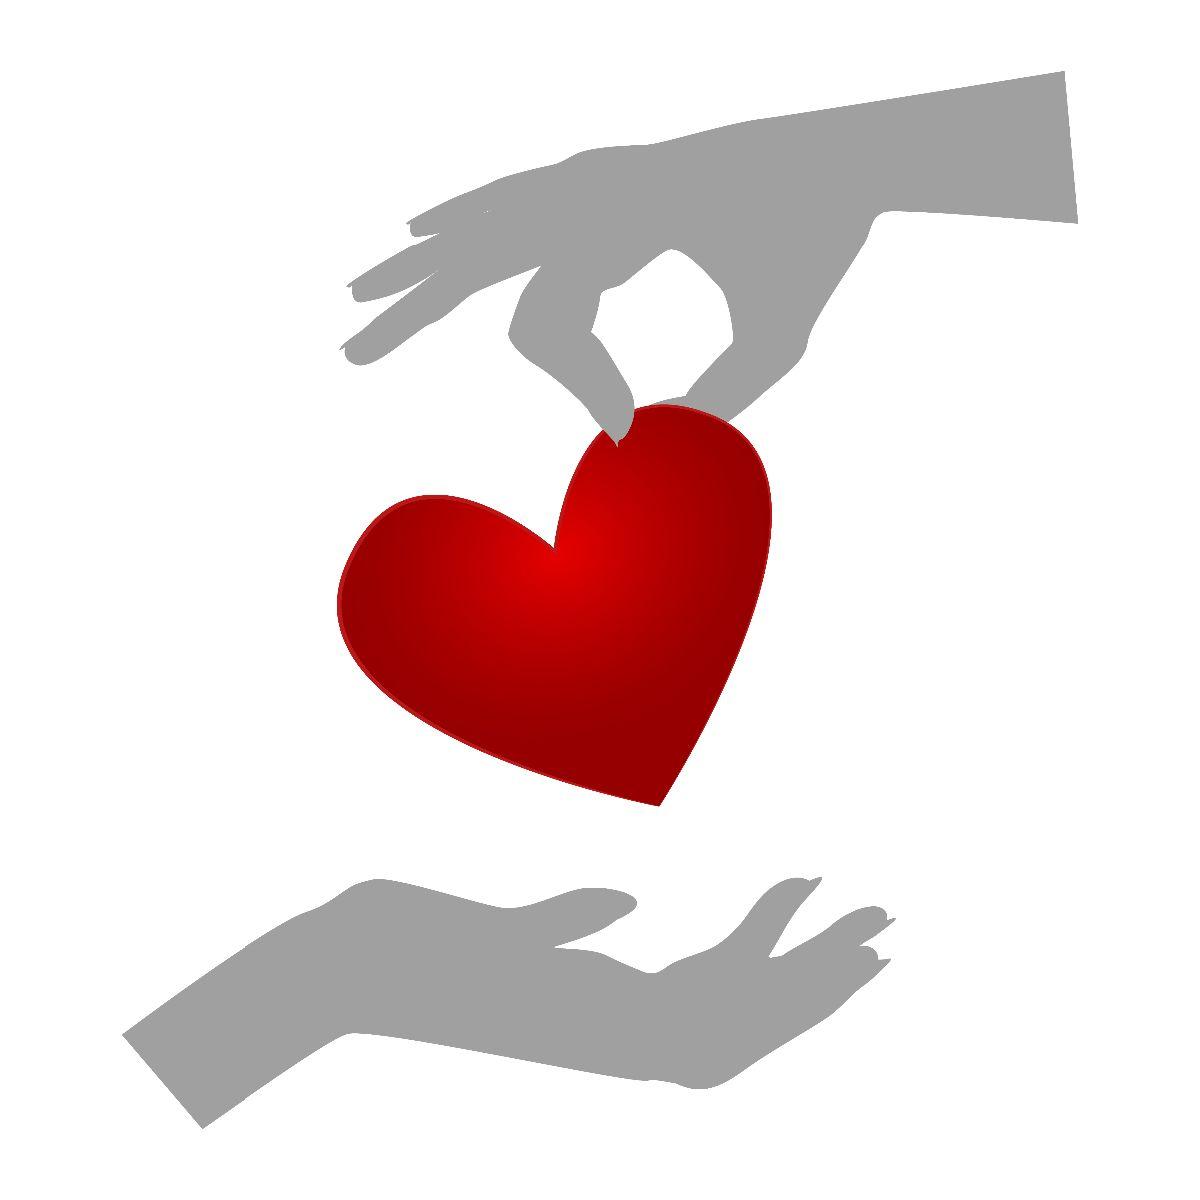 Ilustración una mano gris arriba dejando caer en otra mano gris un corazón rojo